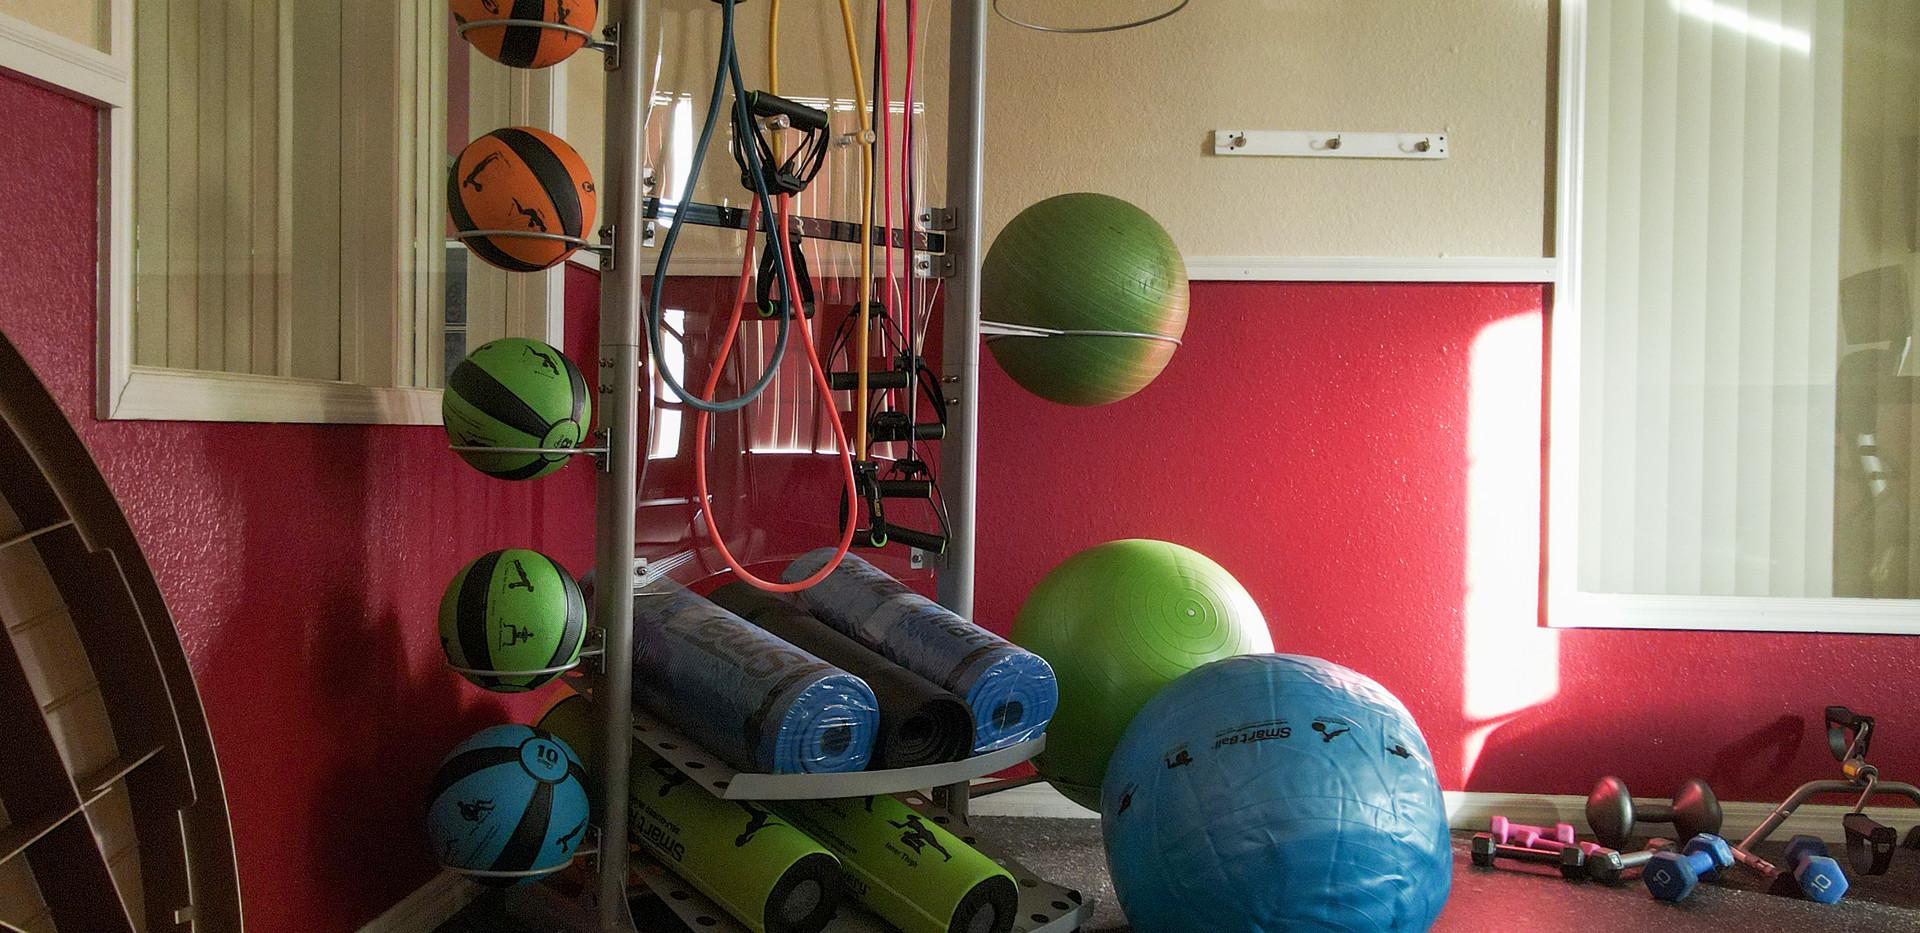 Fitness Center Exercise Balls